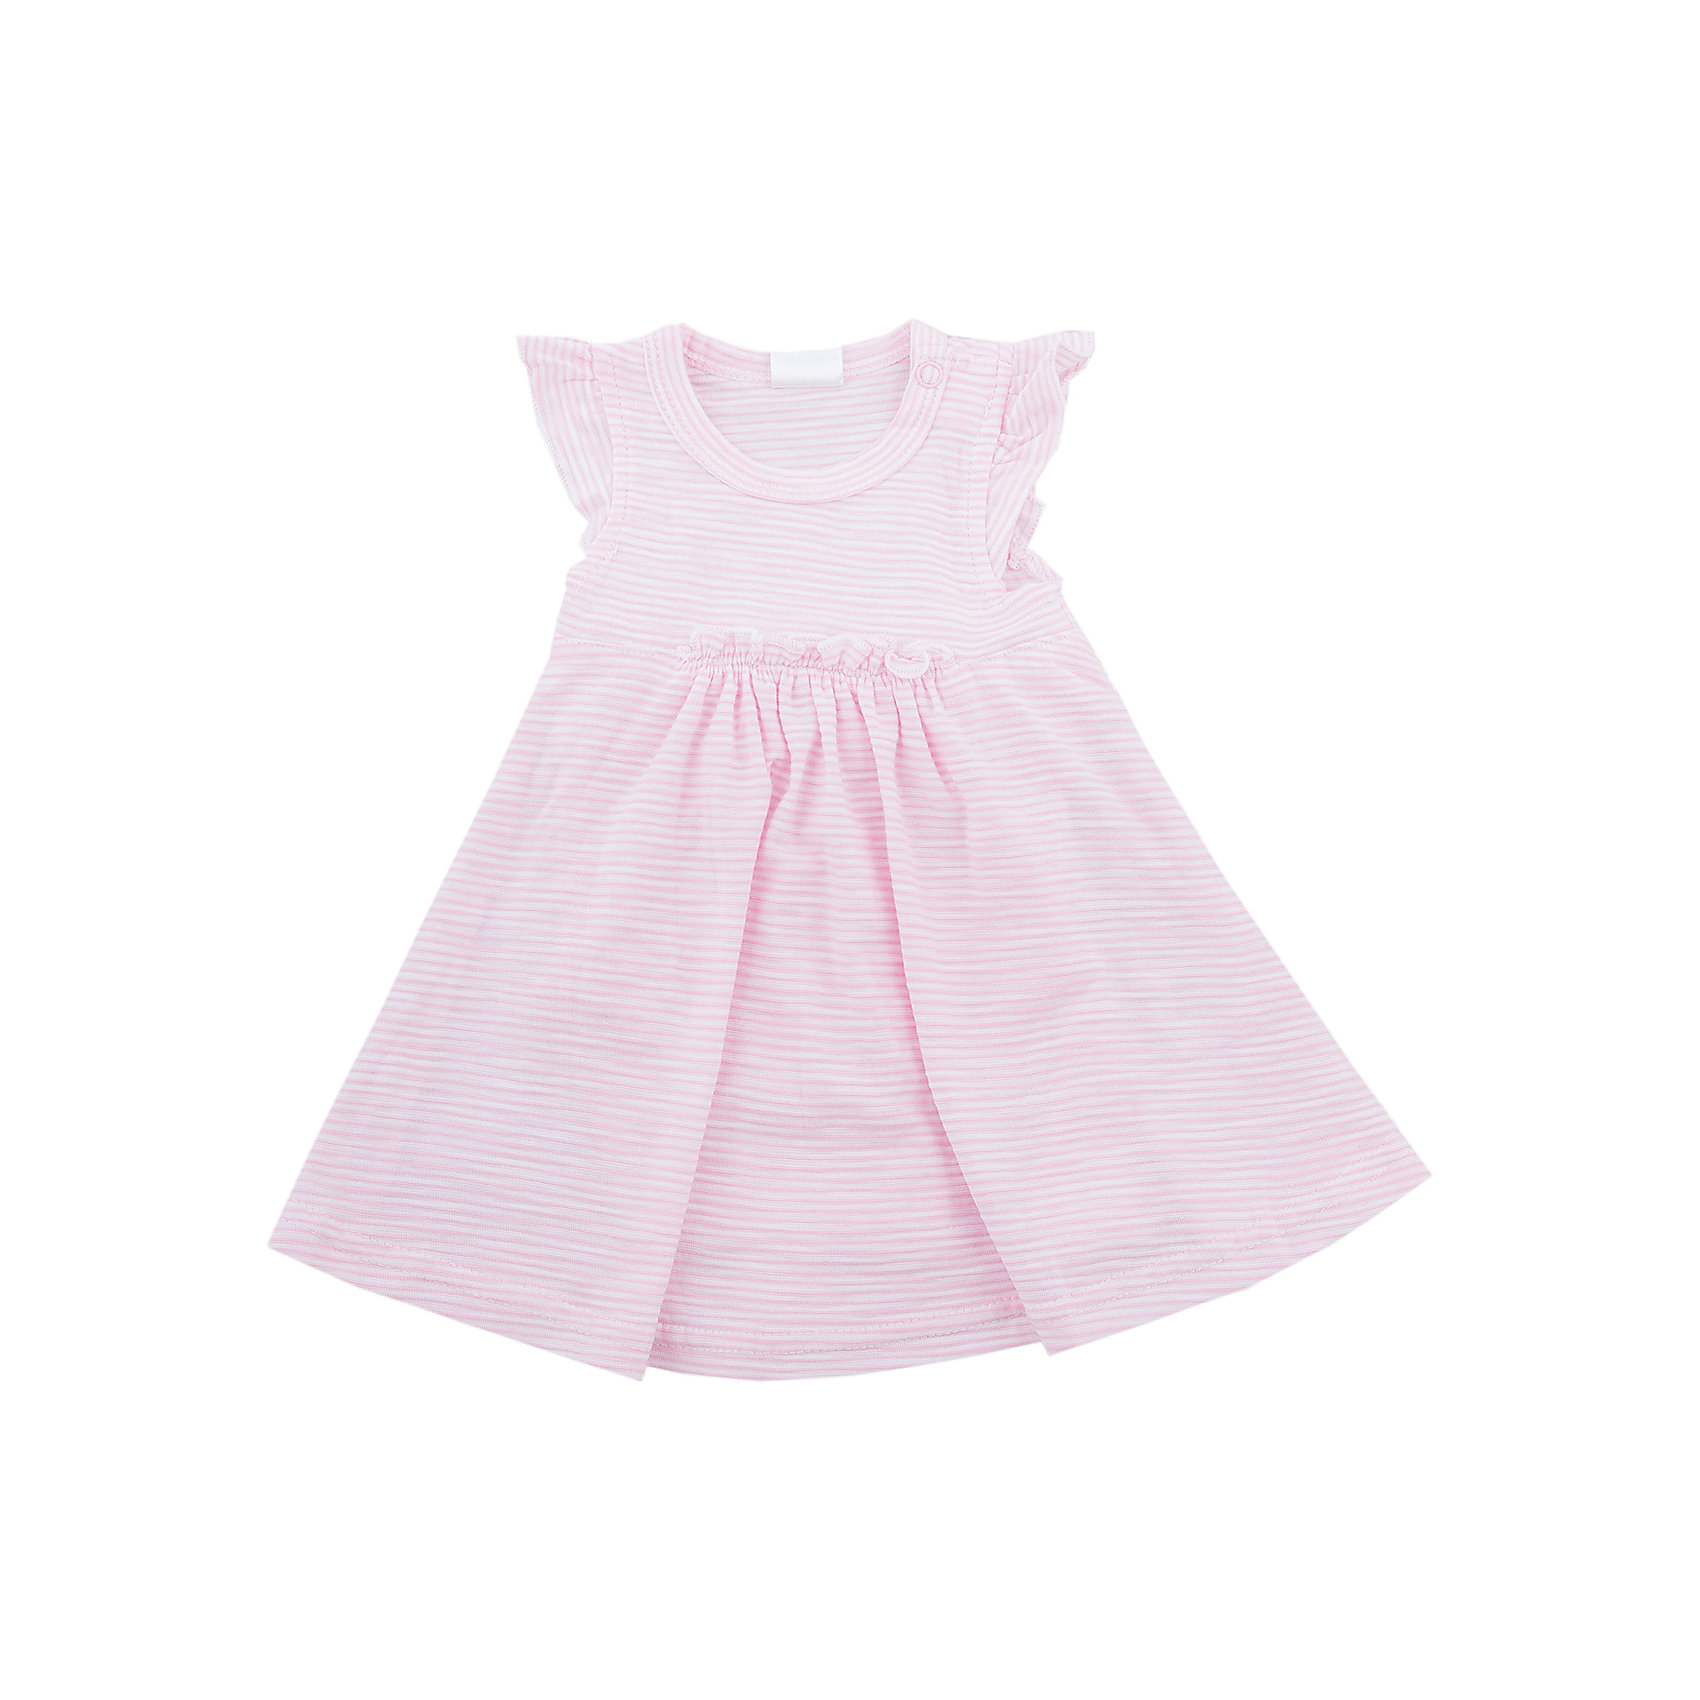 Платье для девочки PlayTodayПлатье для девочки PlayToday<br>Платье с завышенной талией, с округлым вырезом у горловины, понравится Вашей моднице.  Свободный крой не сковывает движений. Приятная на ощупь ткань не раздражает нежную кожу ребенка. Модель на рукавах декорирована небольшими оборками, что создает эффект крылышекПреимущества: Мягкая ткань не вызывает раздраженийСвободный крой не сковывает движений ребенка<br>Состав:<br>100% хлопок<br><br>Ширина мм: 236<br>Глубина мм: 16<br>Высота мм: 184<br>Вес г: 177<br>Цвет: разноцветный<br>Возраст от месяцев: 6<br>Возраст до месяцев: 9<br>Пол: Женский<br>Возраст: Детский<br>Размер: 74,56,62,68<br>SKU: 5408495